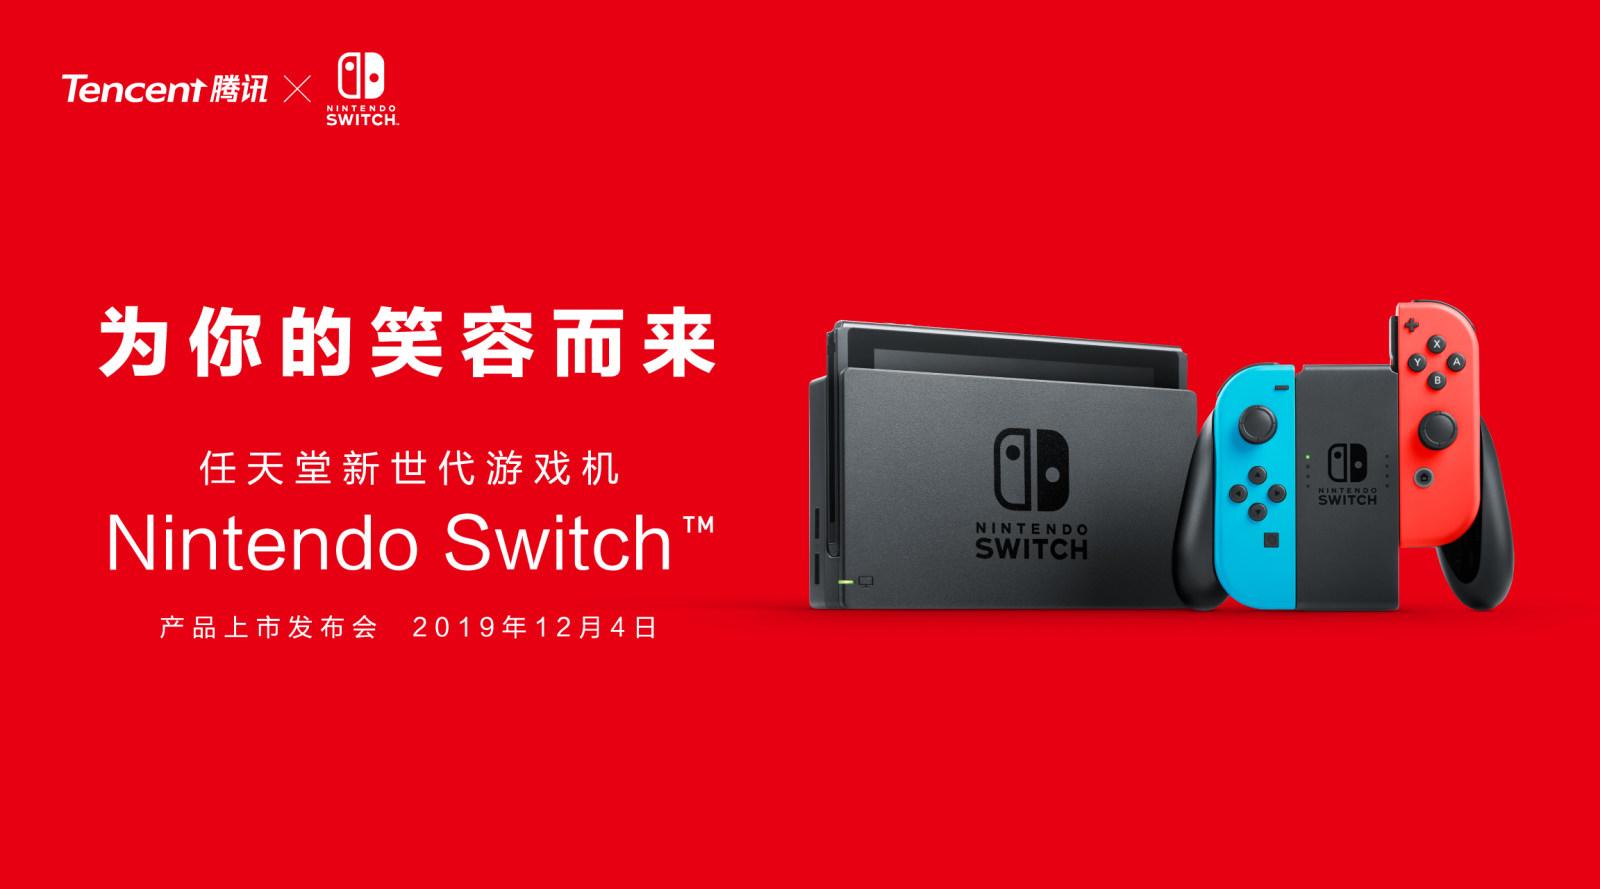 Nintendo Switch国行版开启预售,《新 超级马力欧兄弟U 豪华版》10号发售